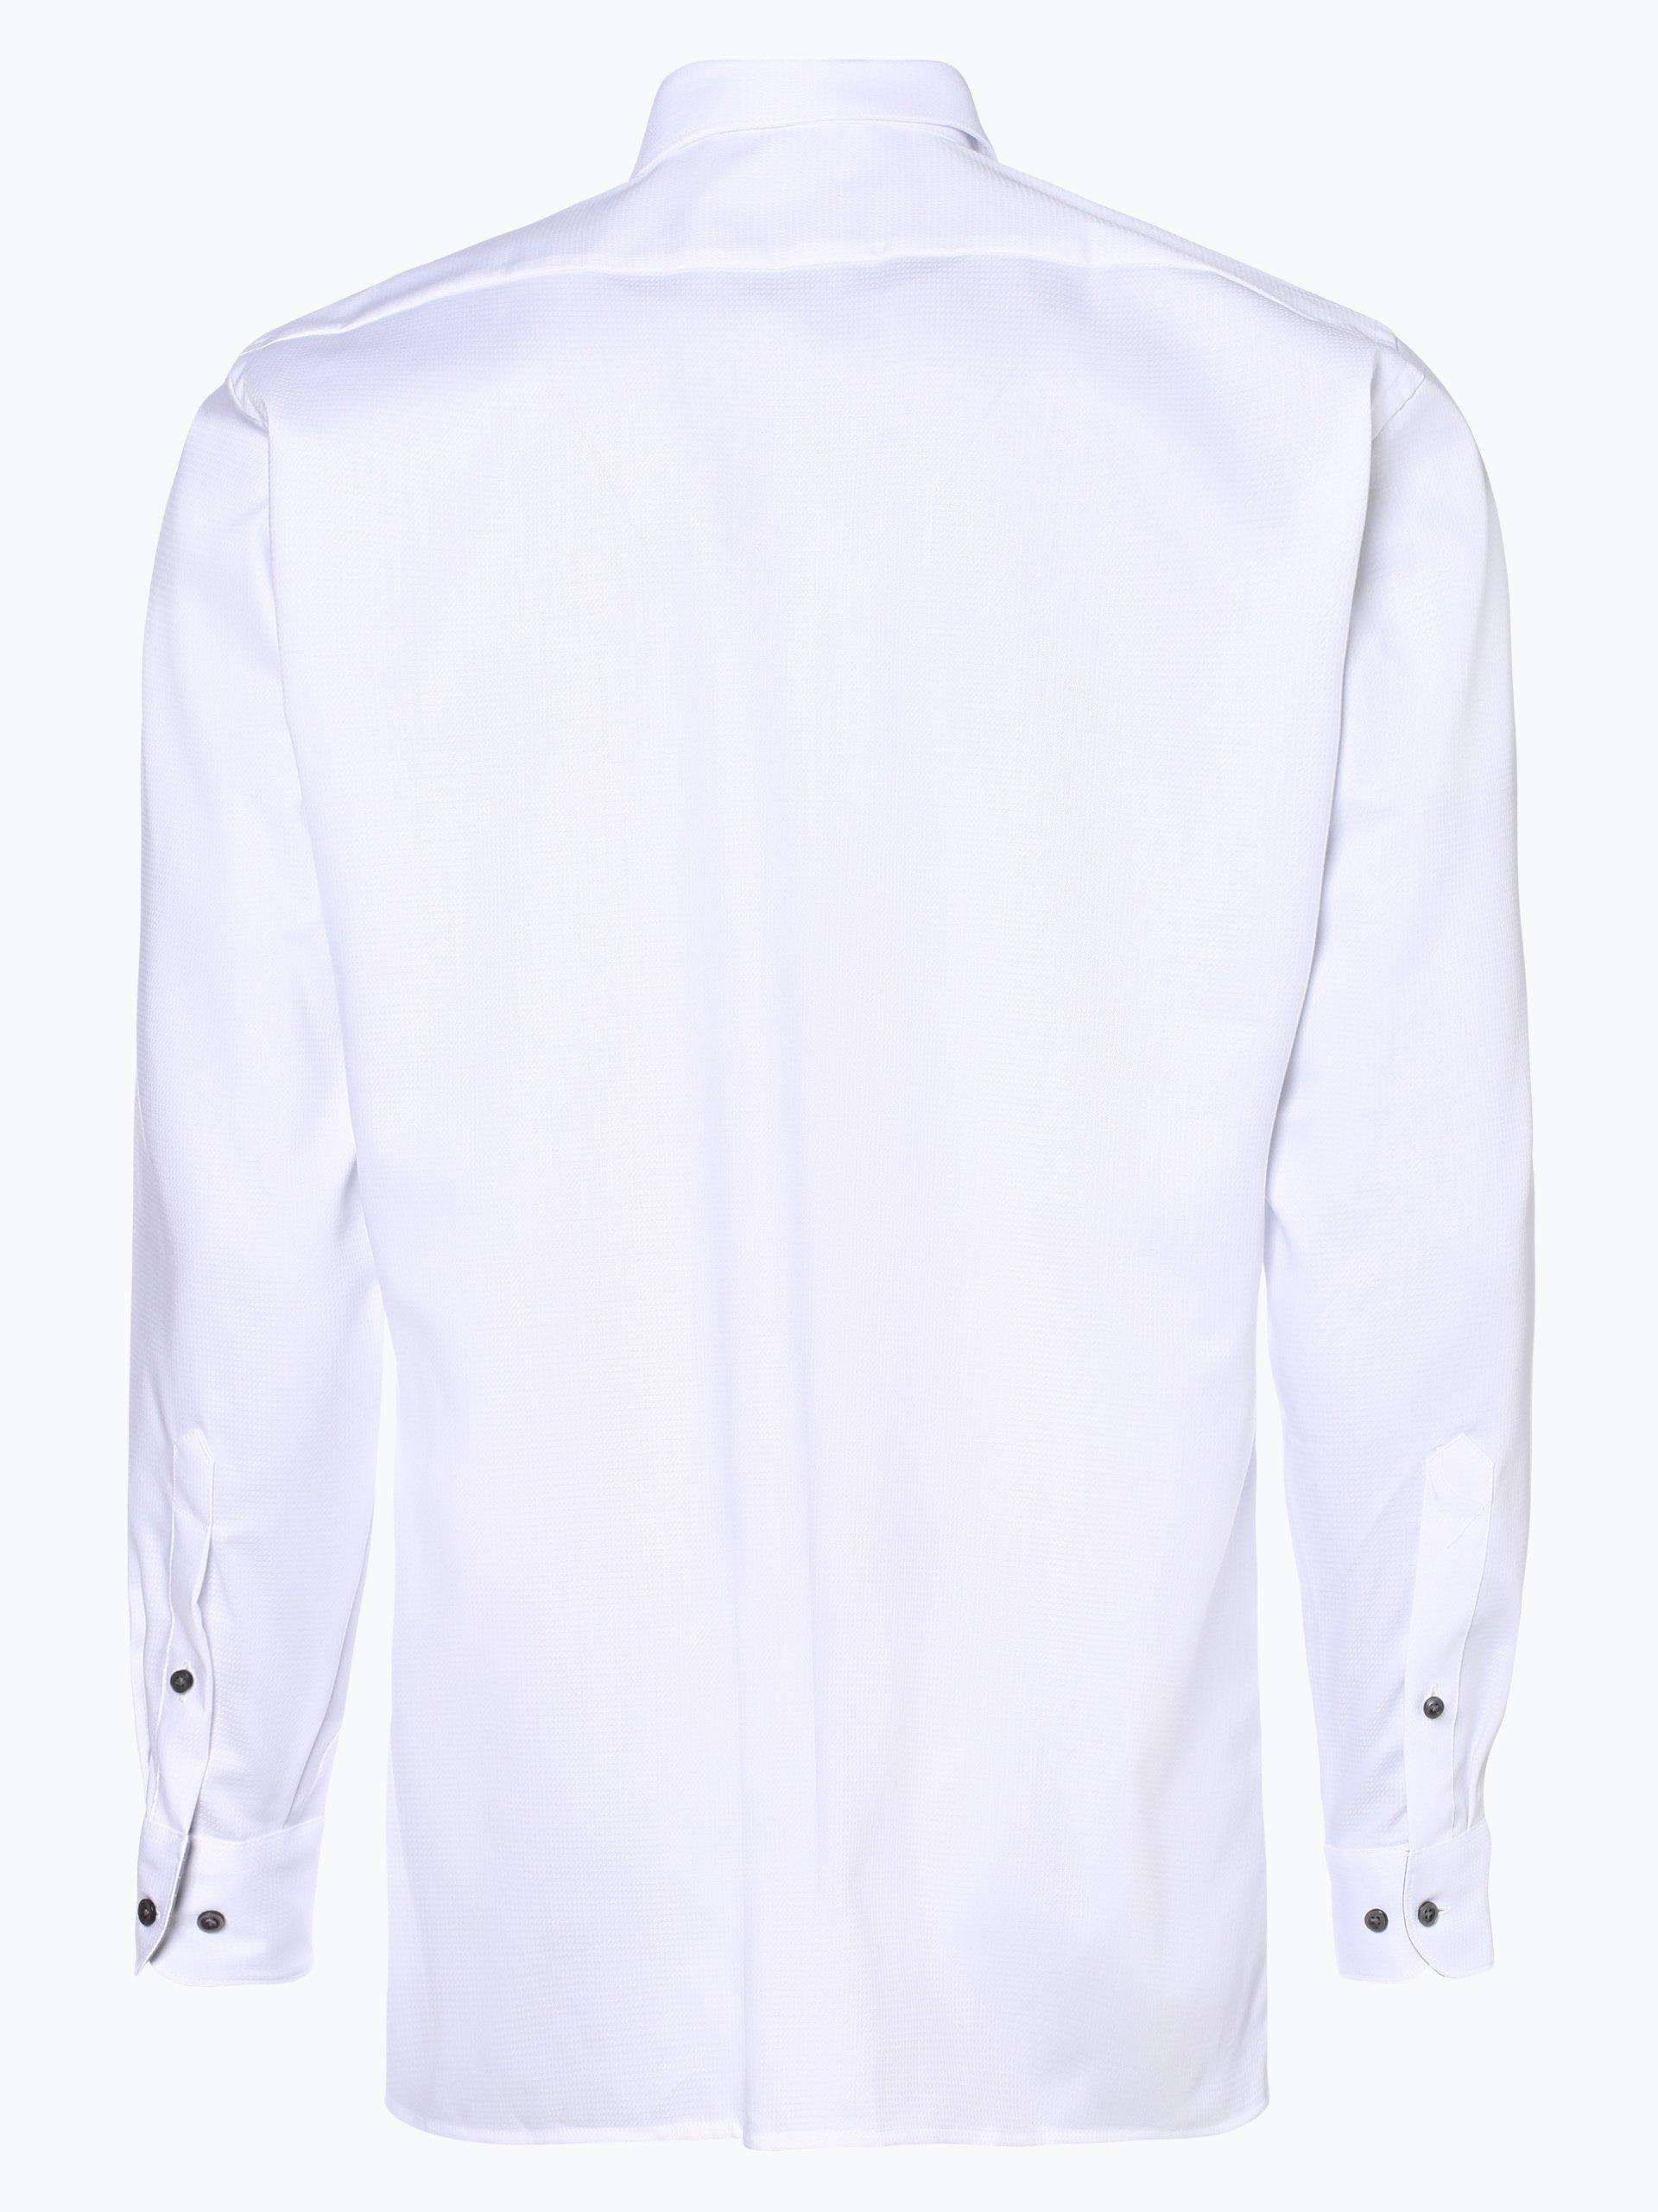 Finshley & Harding Herren Hemd Bügelleicht